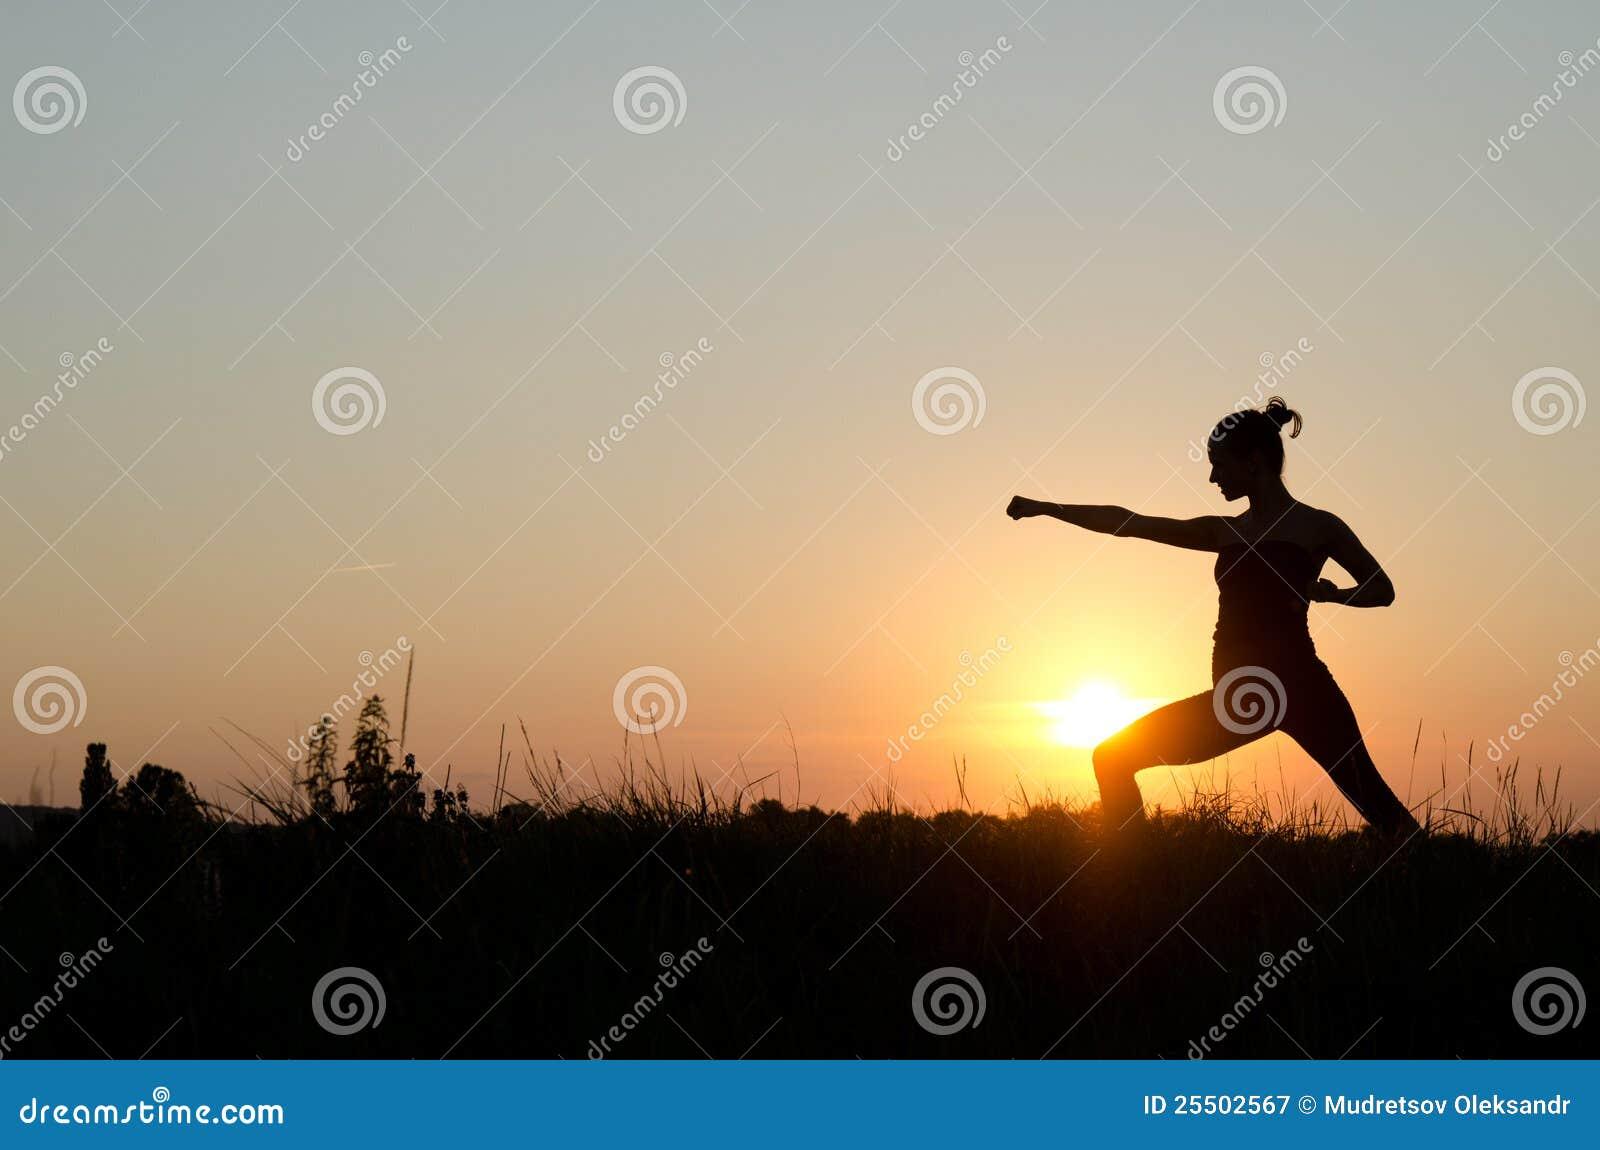 Karate auf Sonnenuntergang.